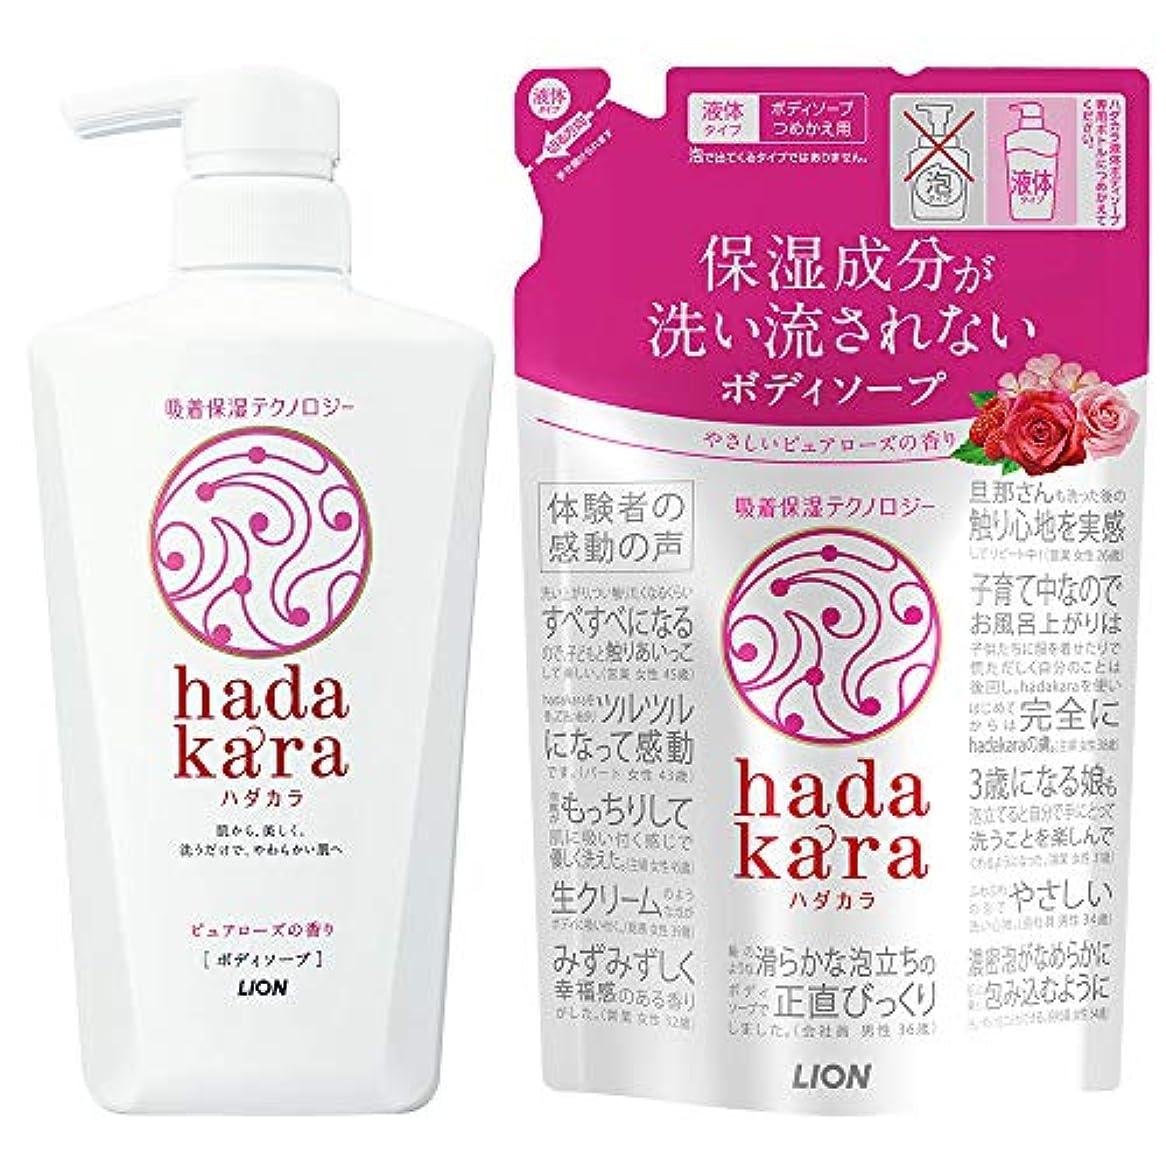 でも印象妥協hadakara(ハダカラ) ボディソープ ピュアローズの香り 本体500ml+つめかえ360ml +